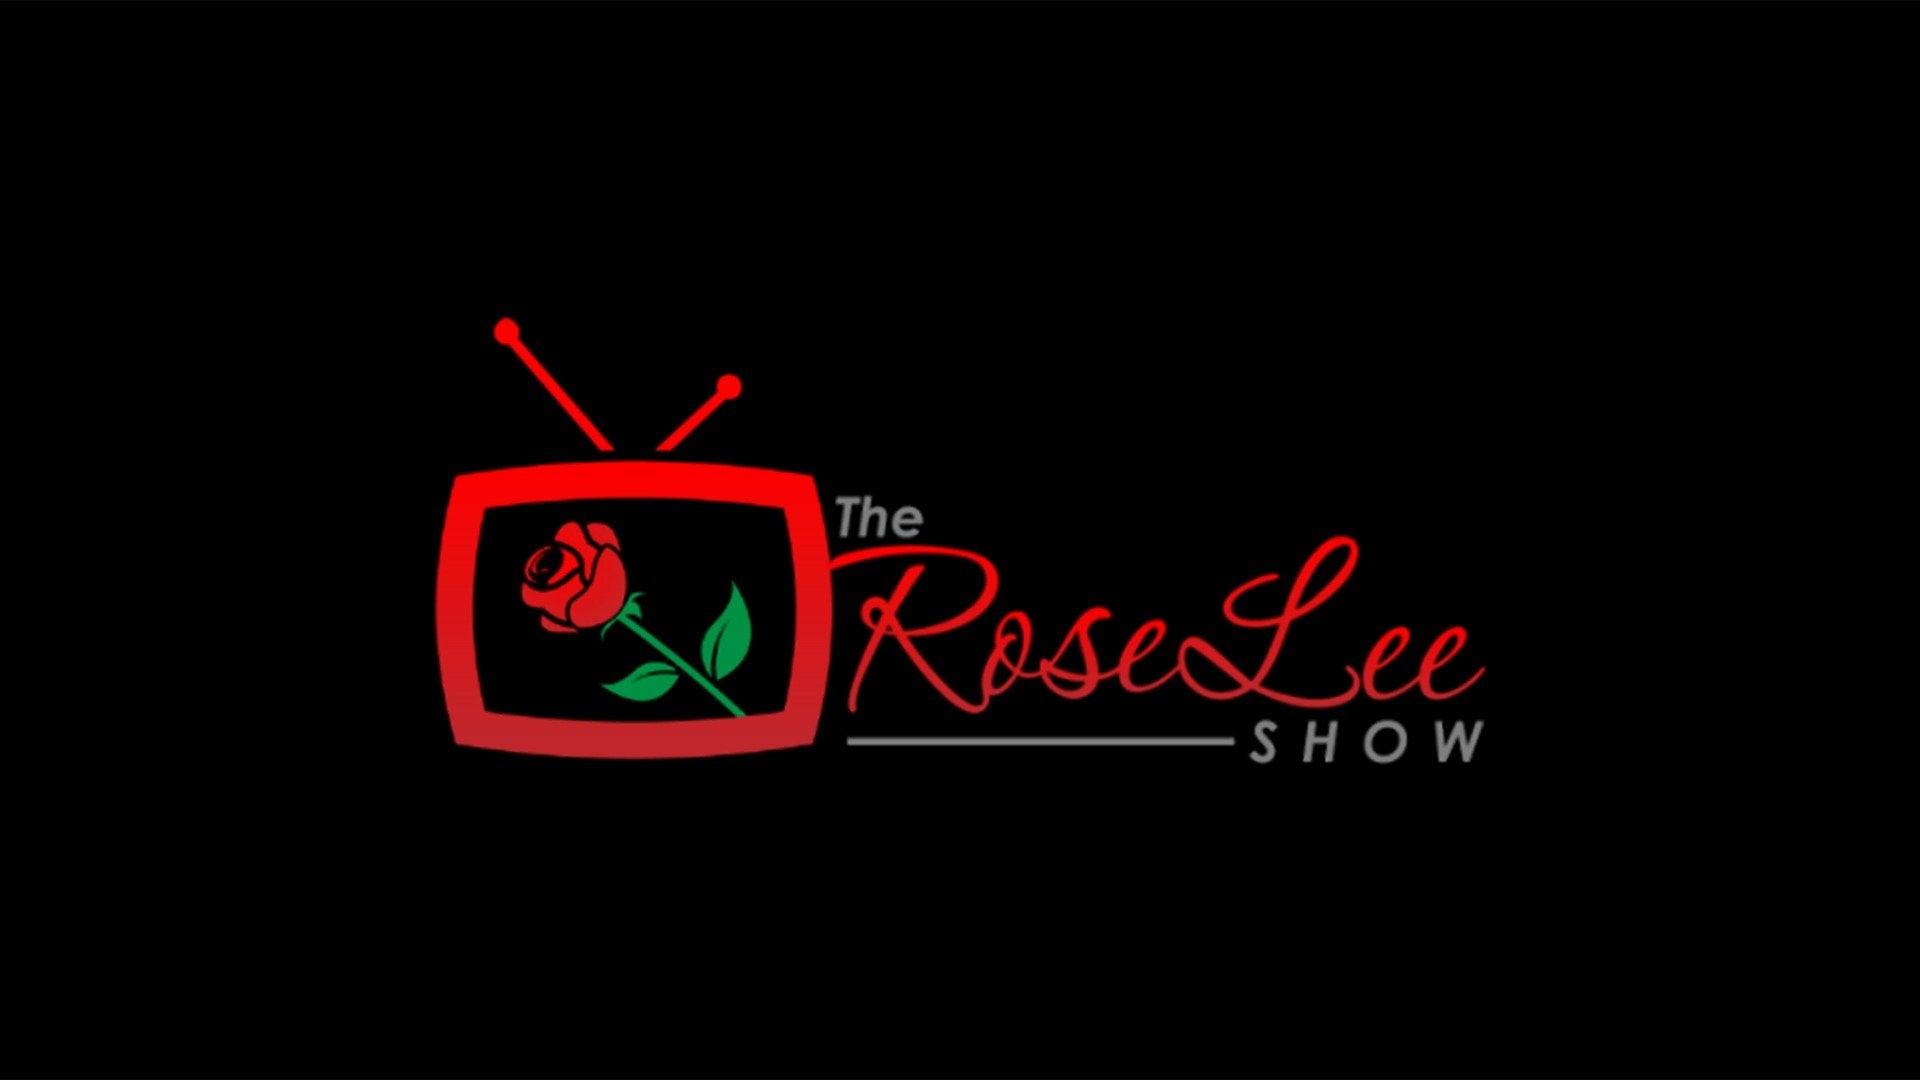 Rose Lee Show